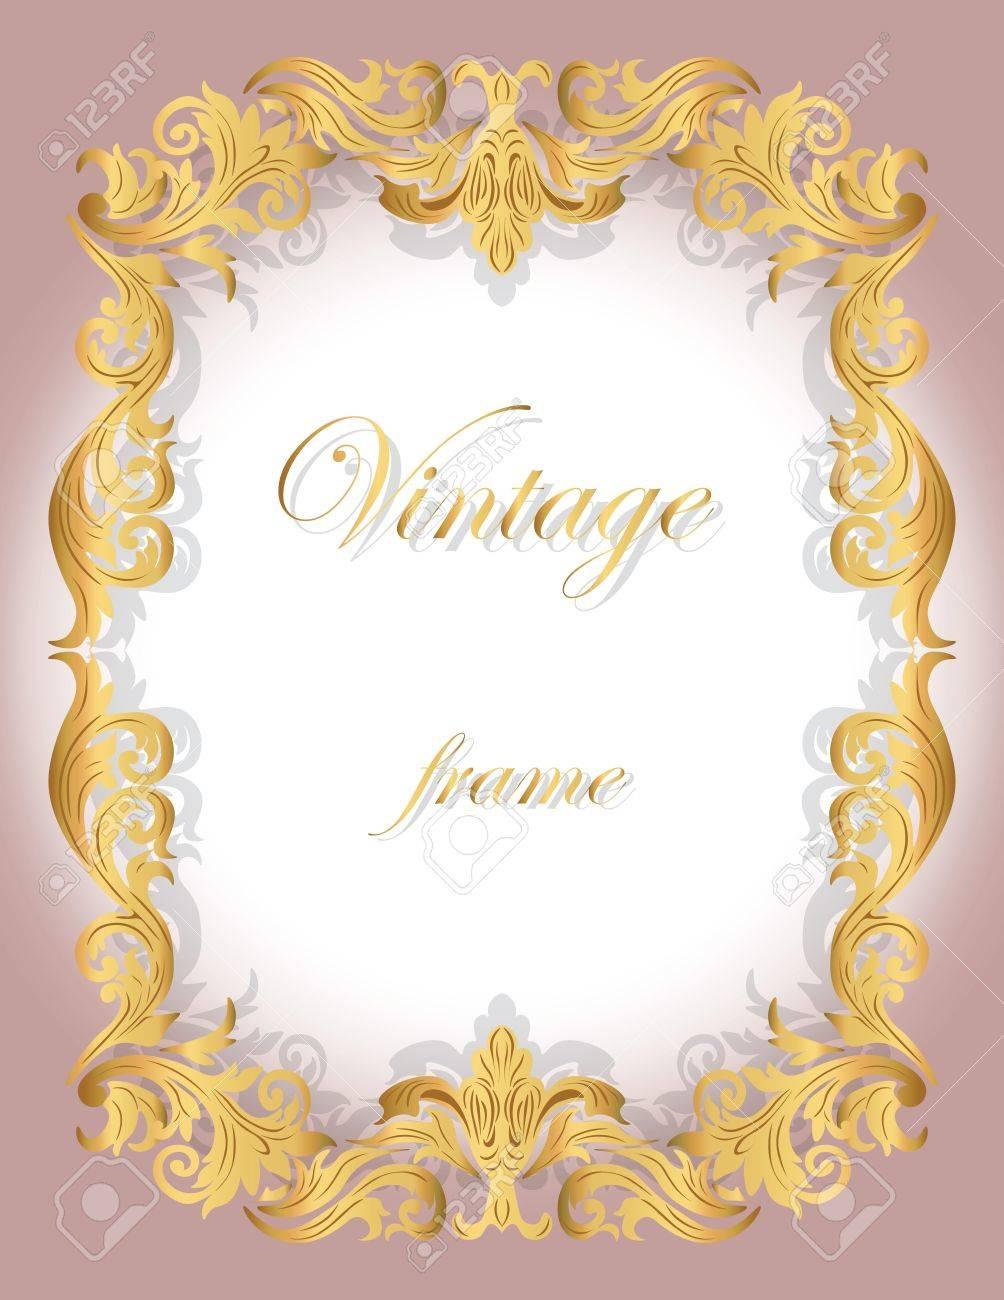 Einladungskarte Mit Goldenen Zierrahmen Grenze Für Hochzeiten, Feiern,  Party, Dresscode, Zertifikate.